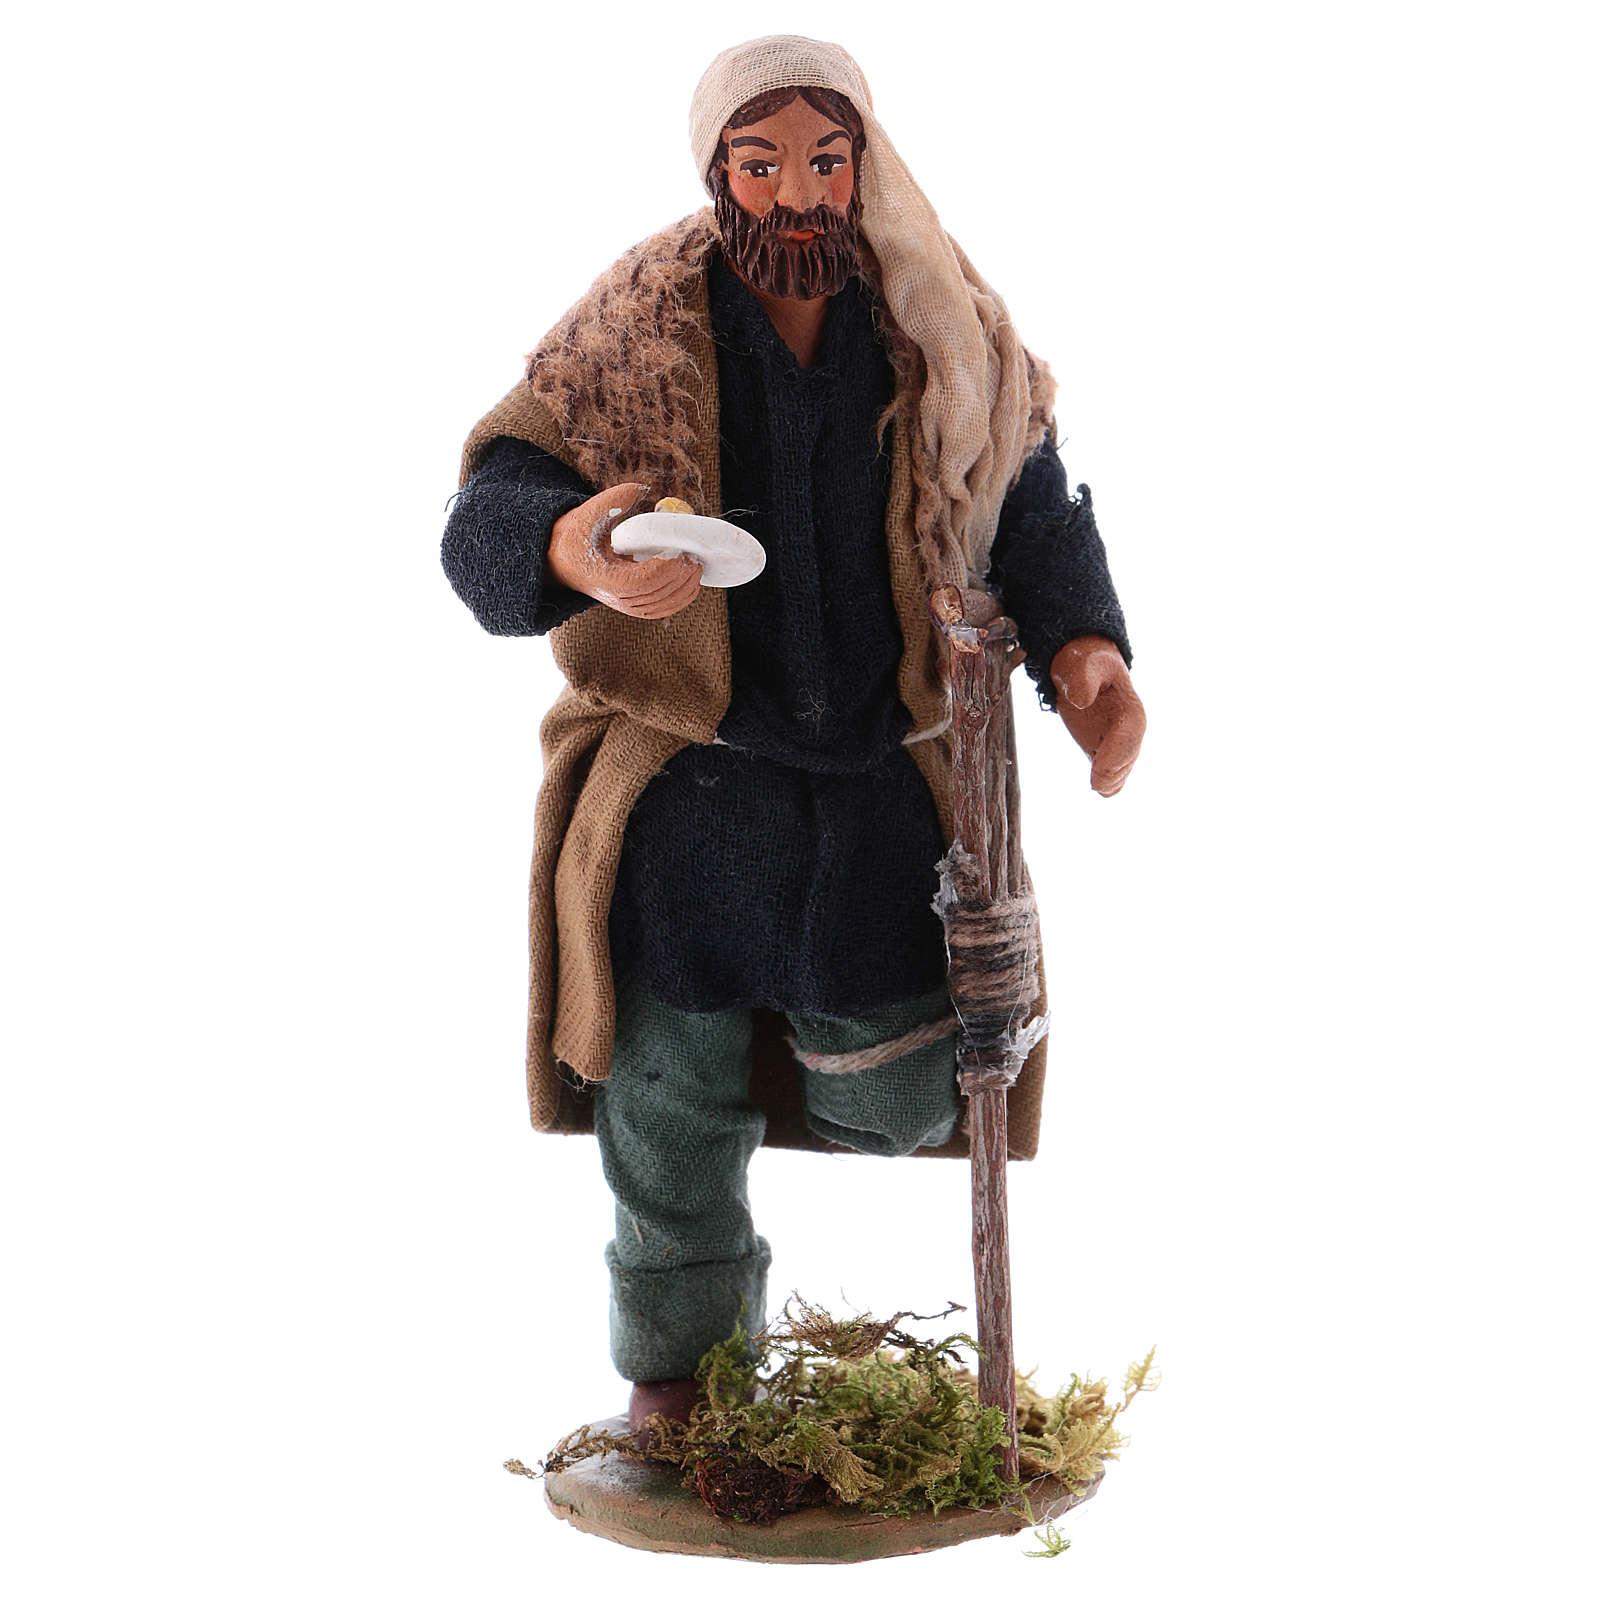 Crippled shepherd 12 cm for Neapolitan nativity scene 4